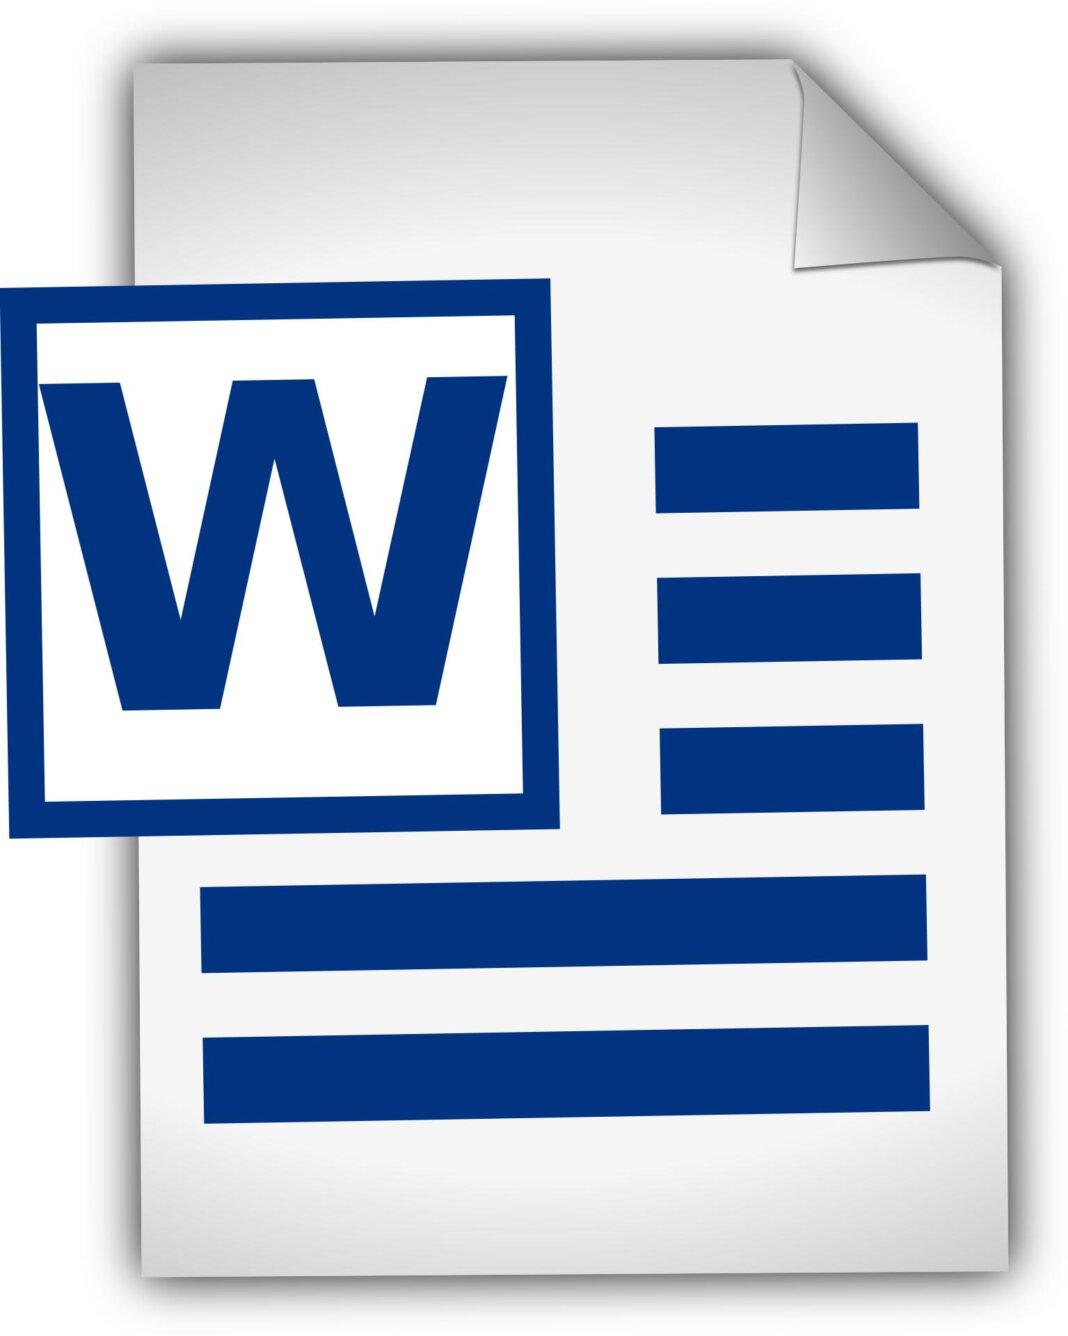 Einen Onlinekurs zum Programm für Textverarbeitung, Word, bietet die VHS Werne an. Foto: pixabay